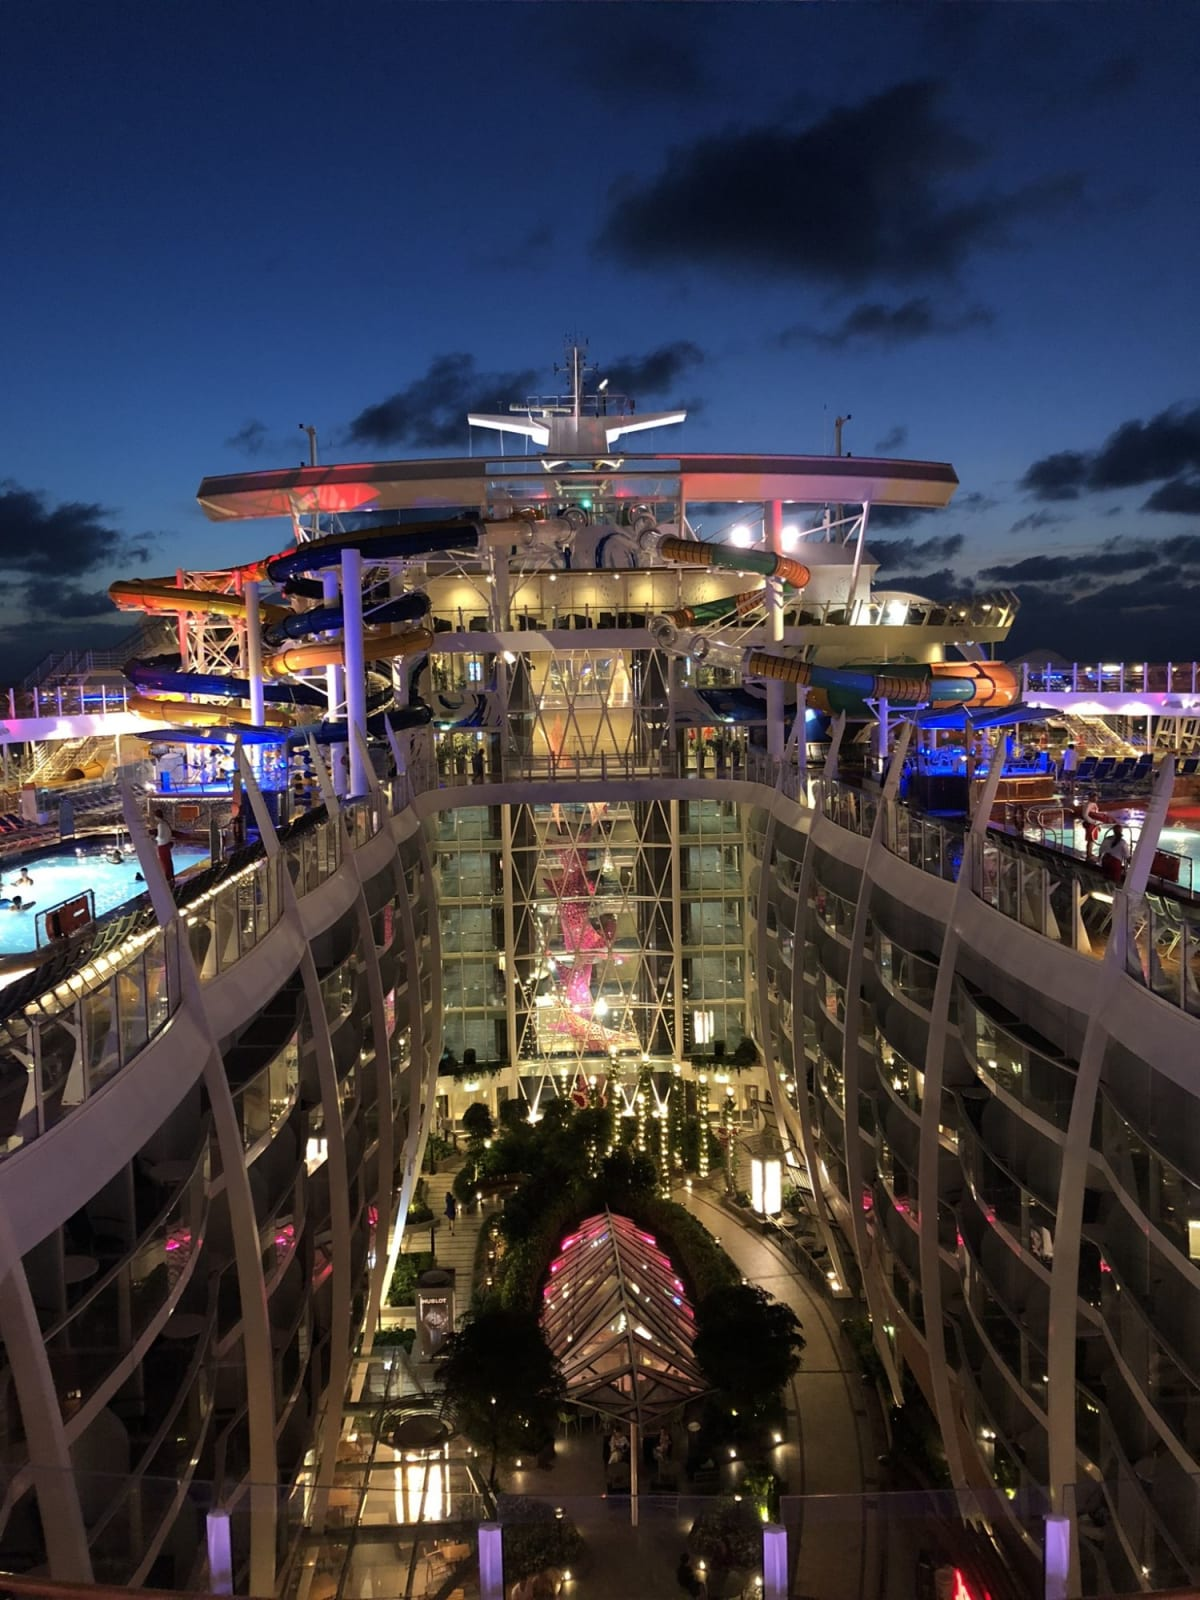 夜の船は、また雰囲気が変わります。 | 客船ハーモニー・オブ・ザ・シーズの外観、船内施設